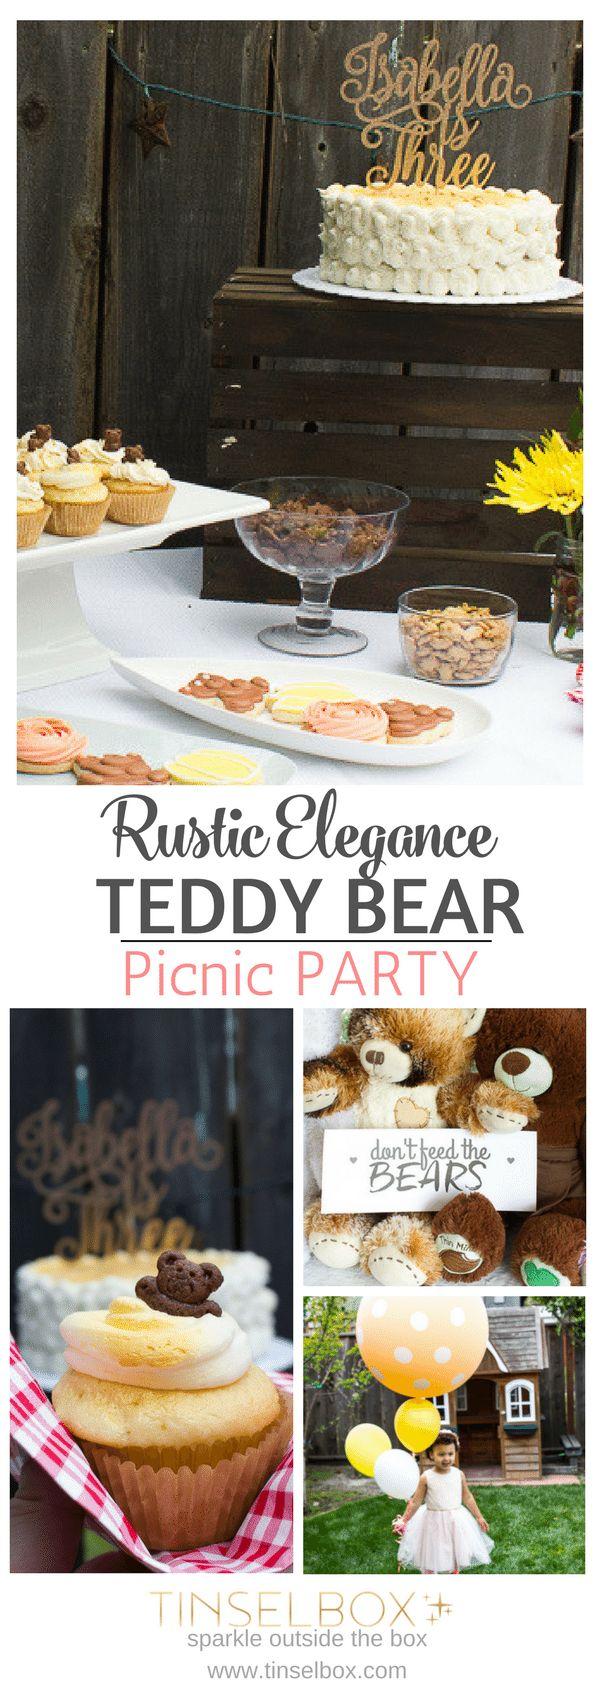 Cuddly Teddy Bear Party Ideas | Isabella's Teddy Bear Picnic Birthday